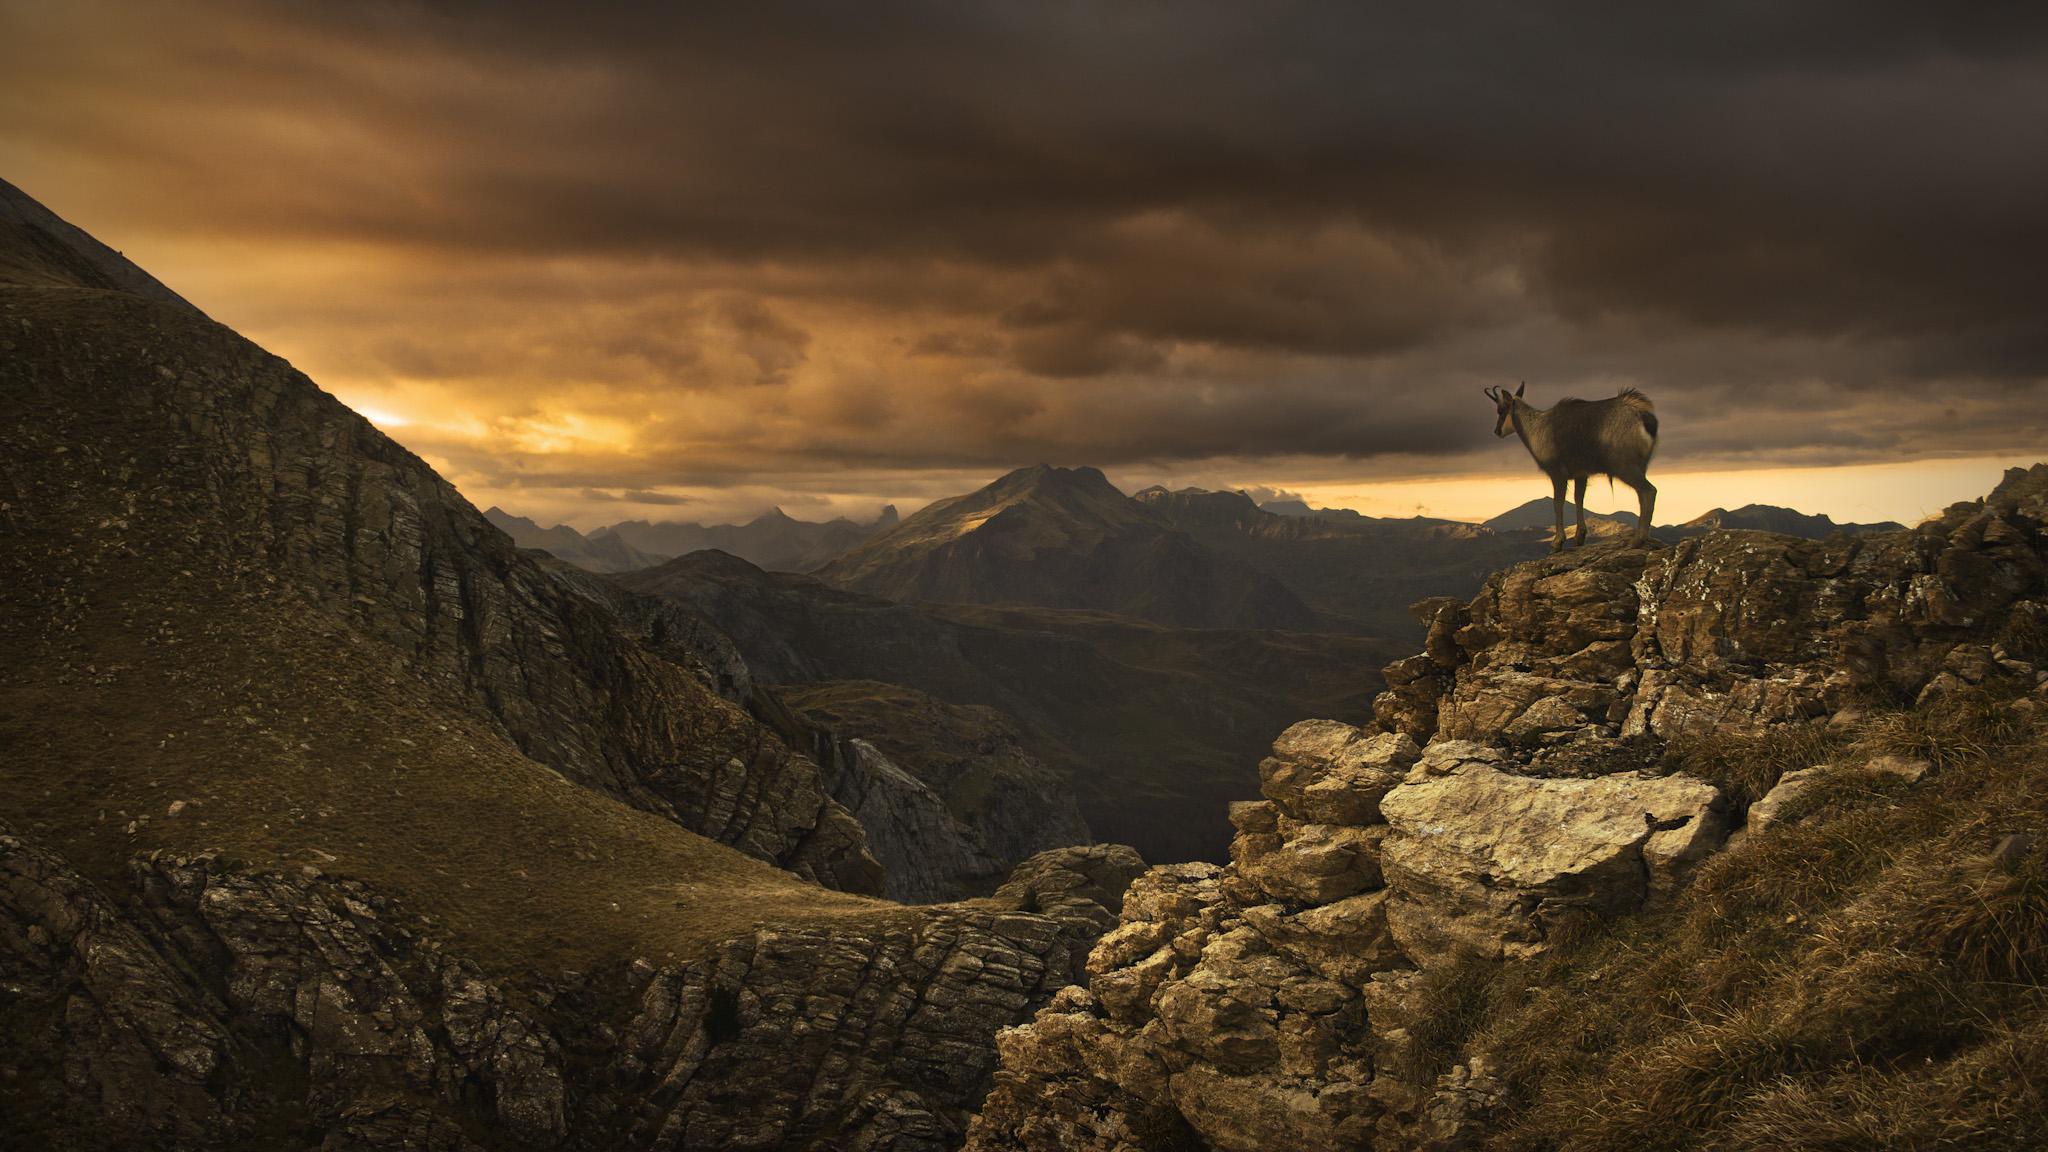 Sarrio en Tortiellas - Paisajes del valle - Fotos del Valle del Aragón, Mikel Besga